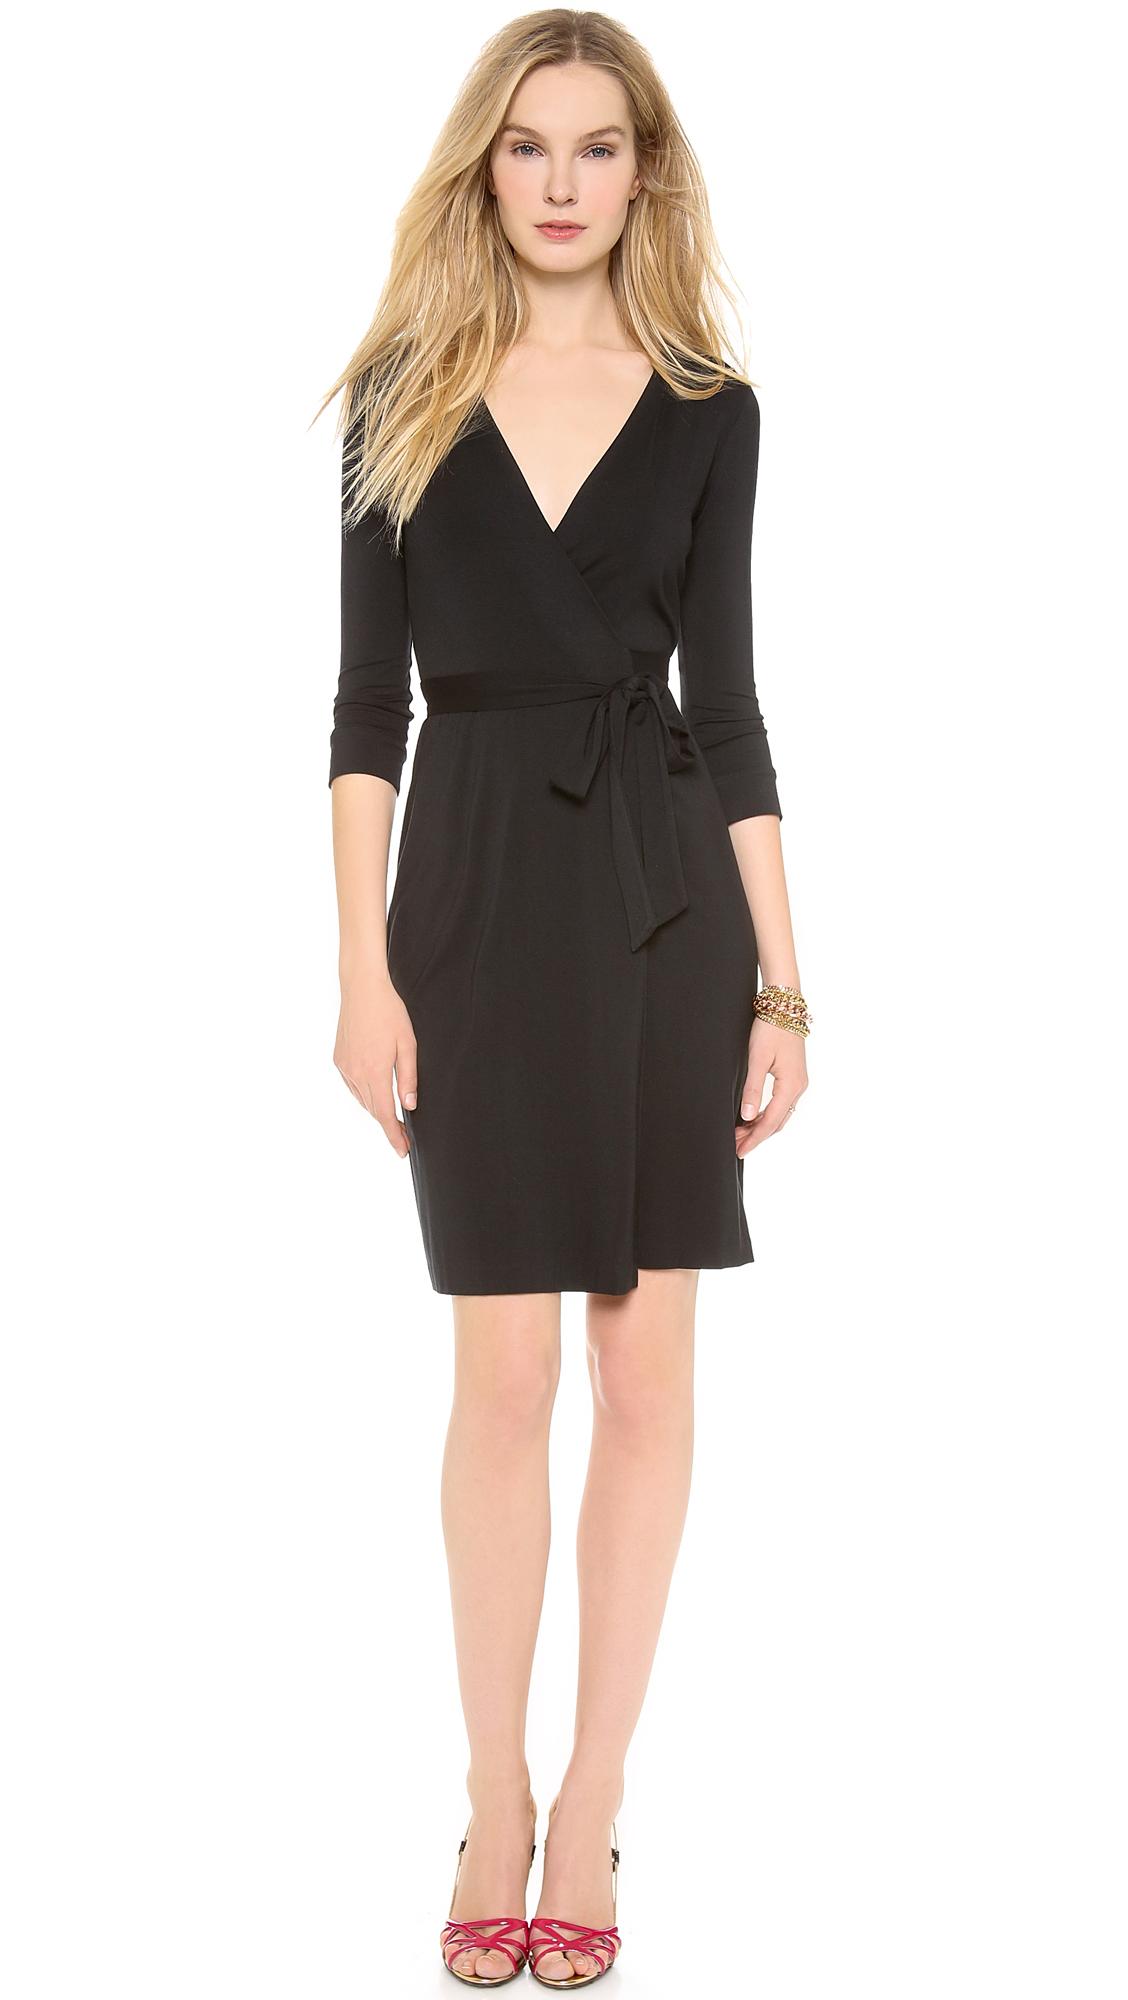 Diane von Furstenberg New Julian Two Wrap Dress | Fancy Friday - Diane von Furstenberg Wrap Dresses